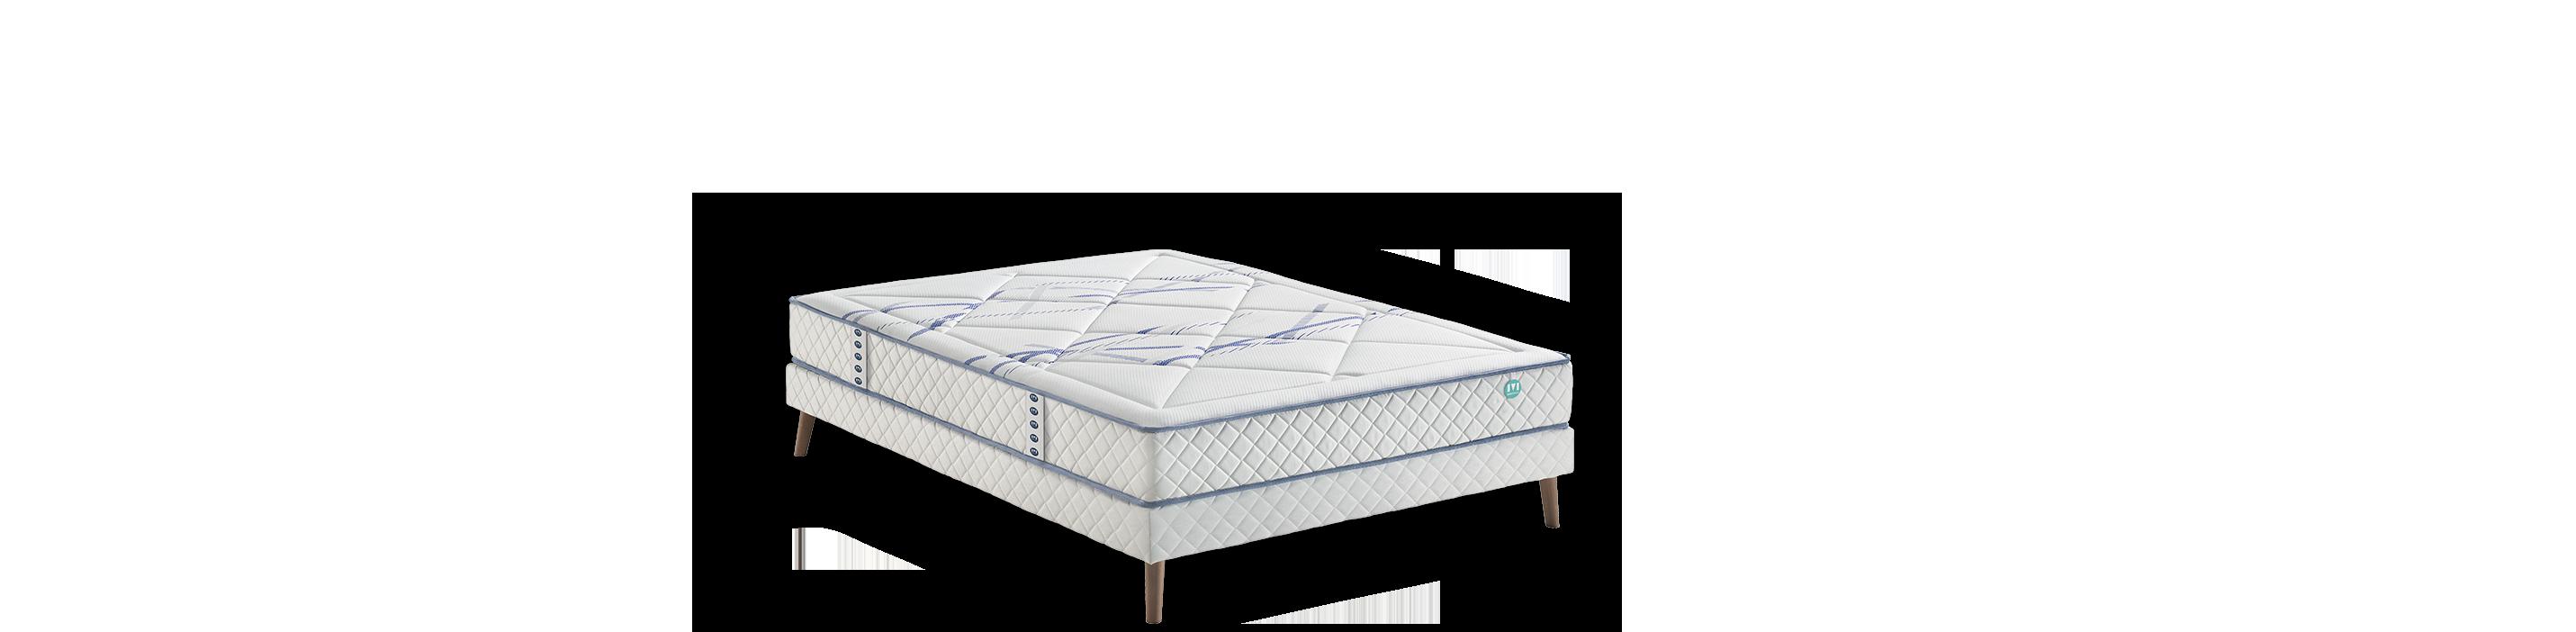 avenue literie boutique literie sp cialiste en matelas. Black Bedroom Furniture Sets. Home Design Ideas